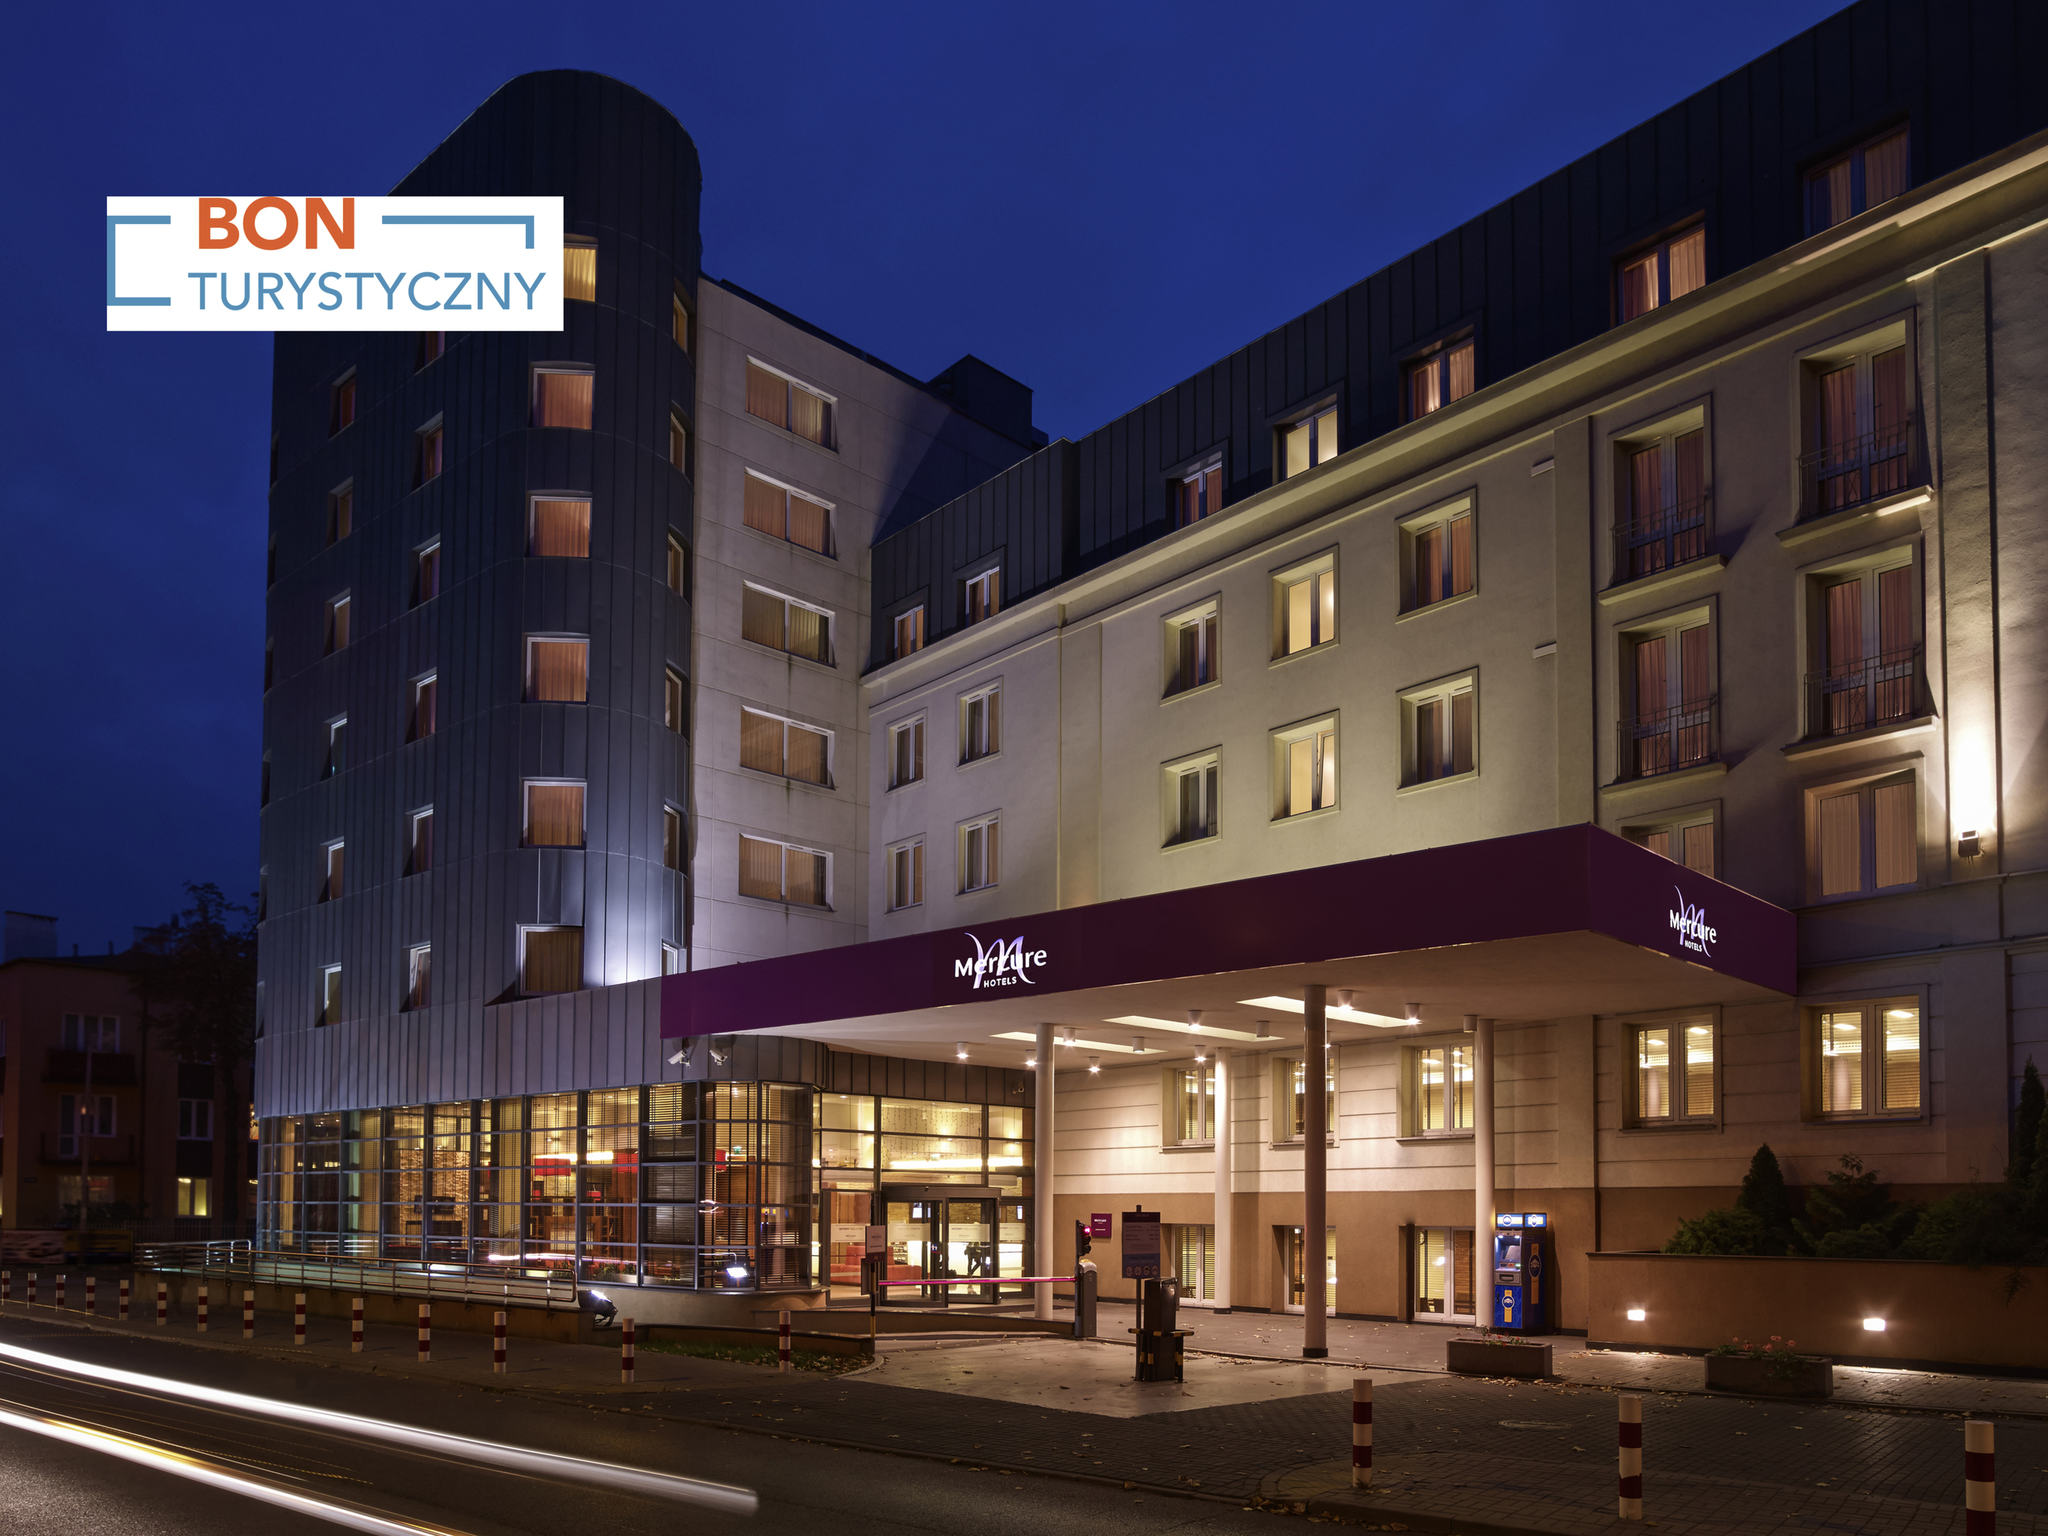 فندق - Hotel Mercure Warszawa Airport